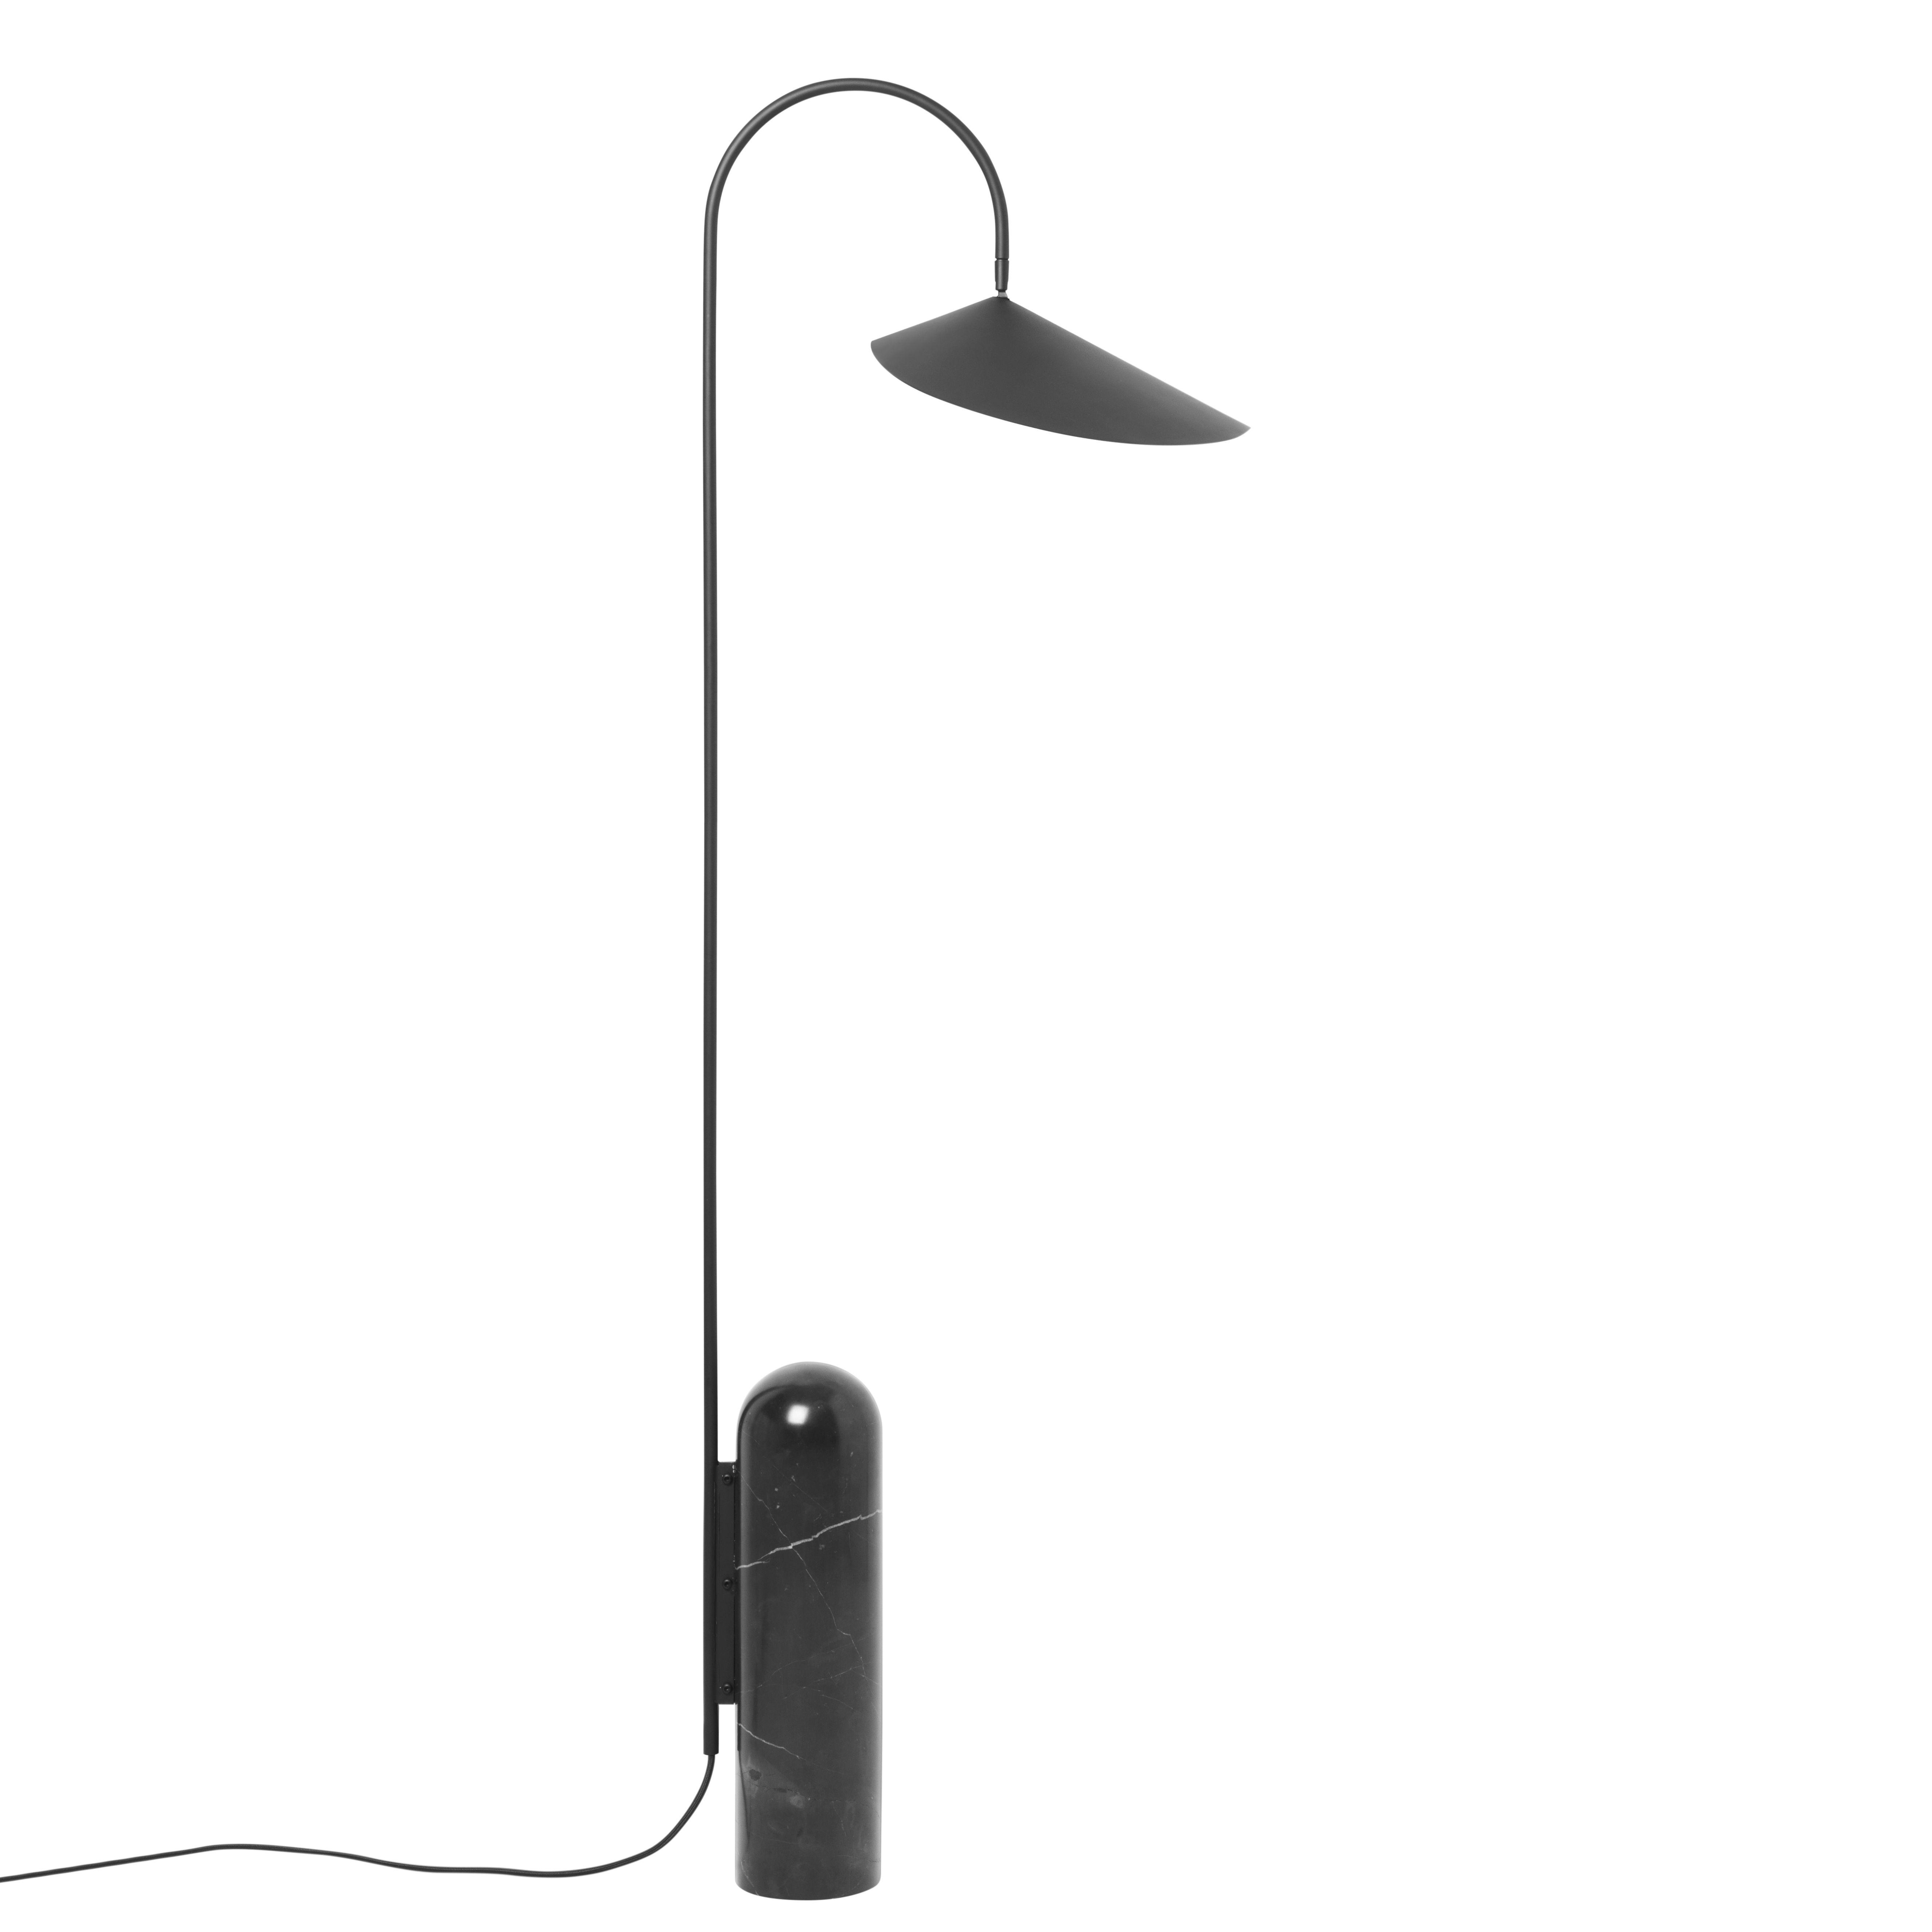 Luminaire - Lampadaires - Lampadaire Arum / Métal & marbre - Orientable - Ferm Living - Noir - Acier laqué époxy, Marbre